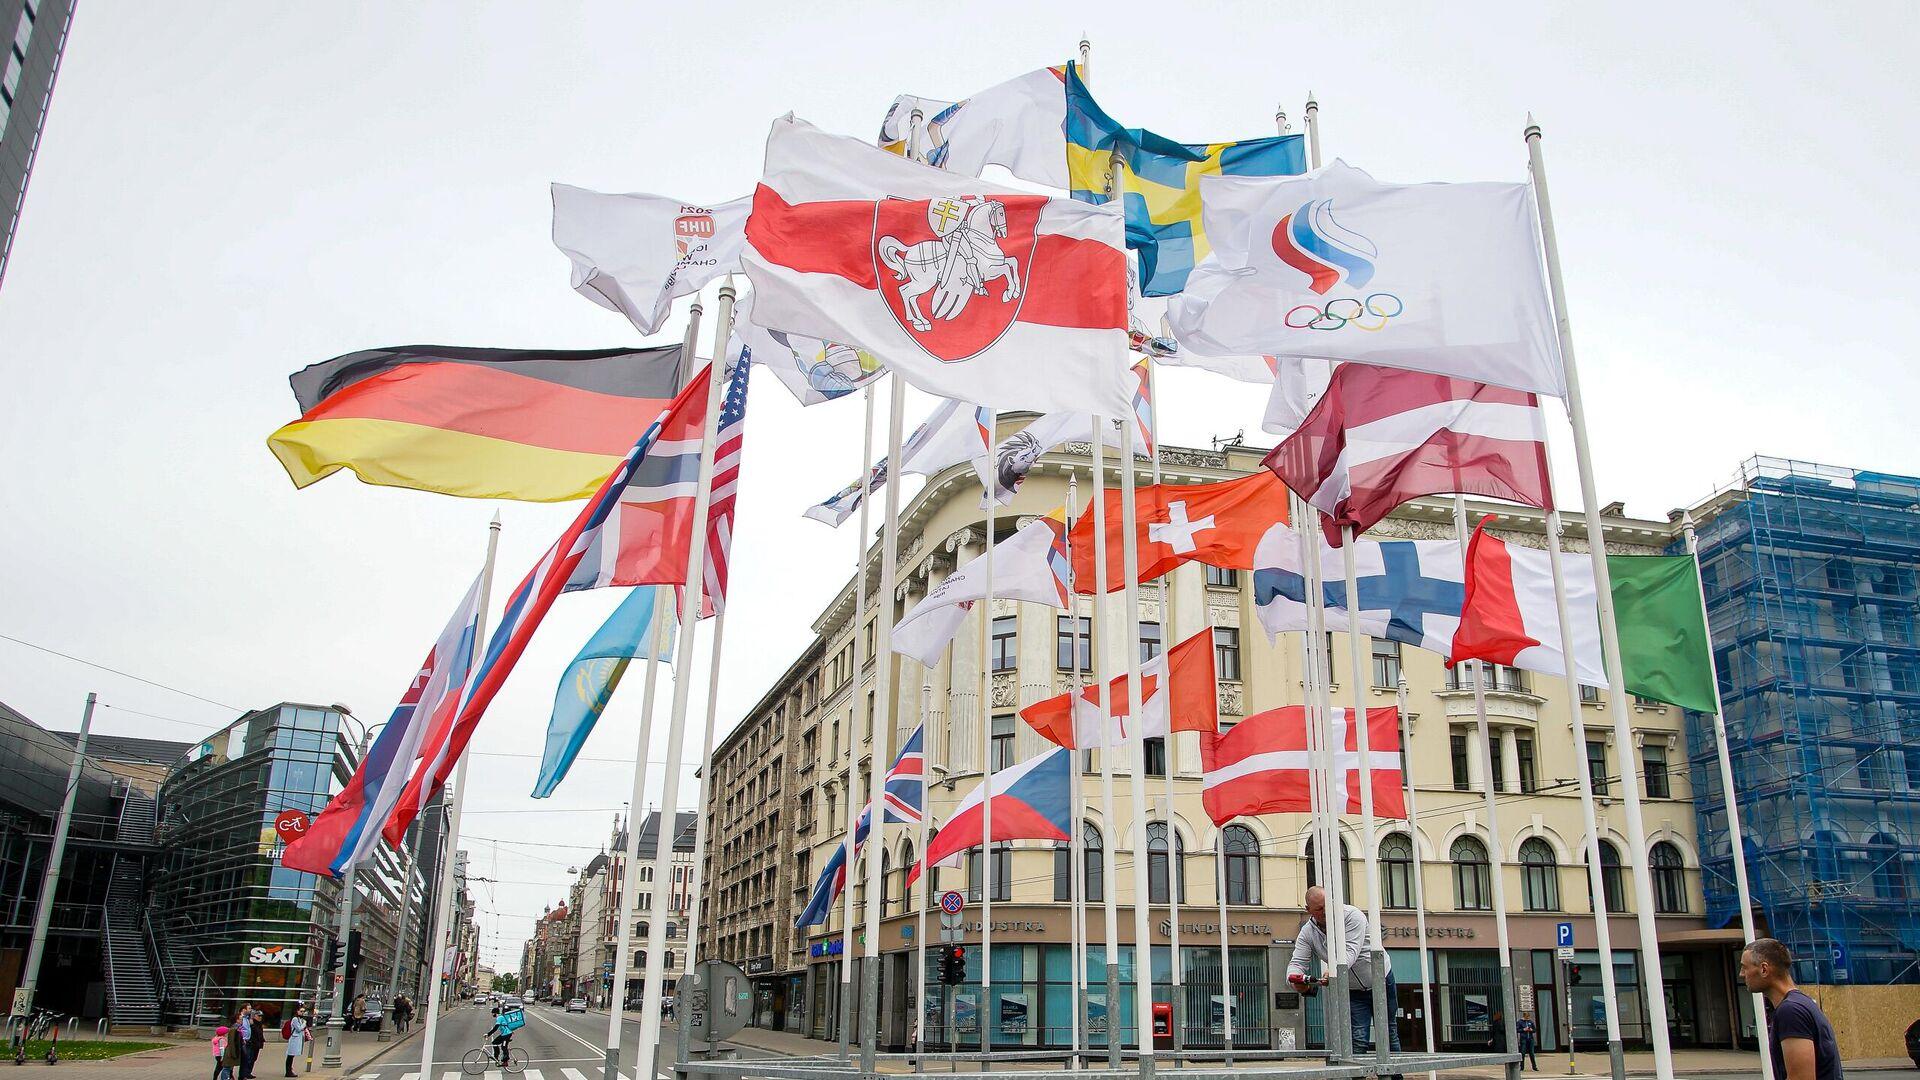 Флаги стран-участниц Чемпионата мира по хоккею 2021 в Риге - РИА Новости, 1920, 26.05.2021